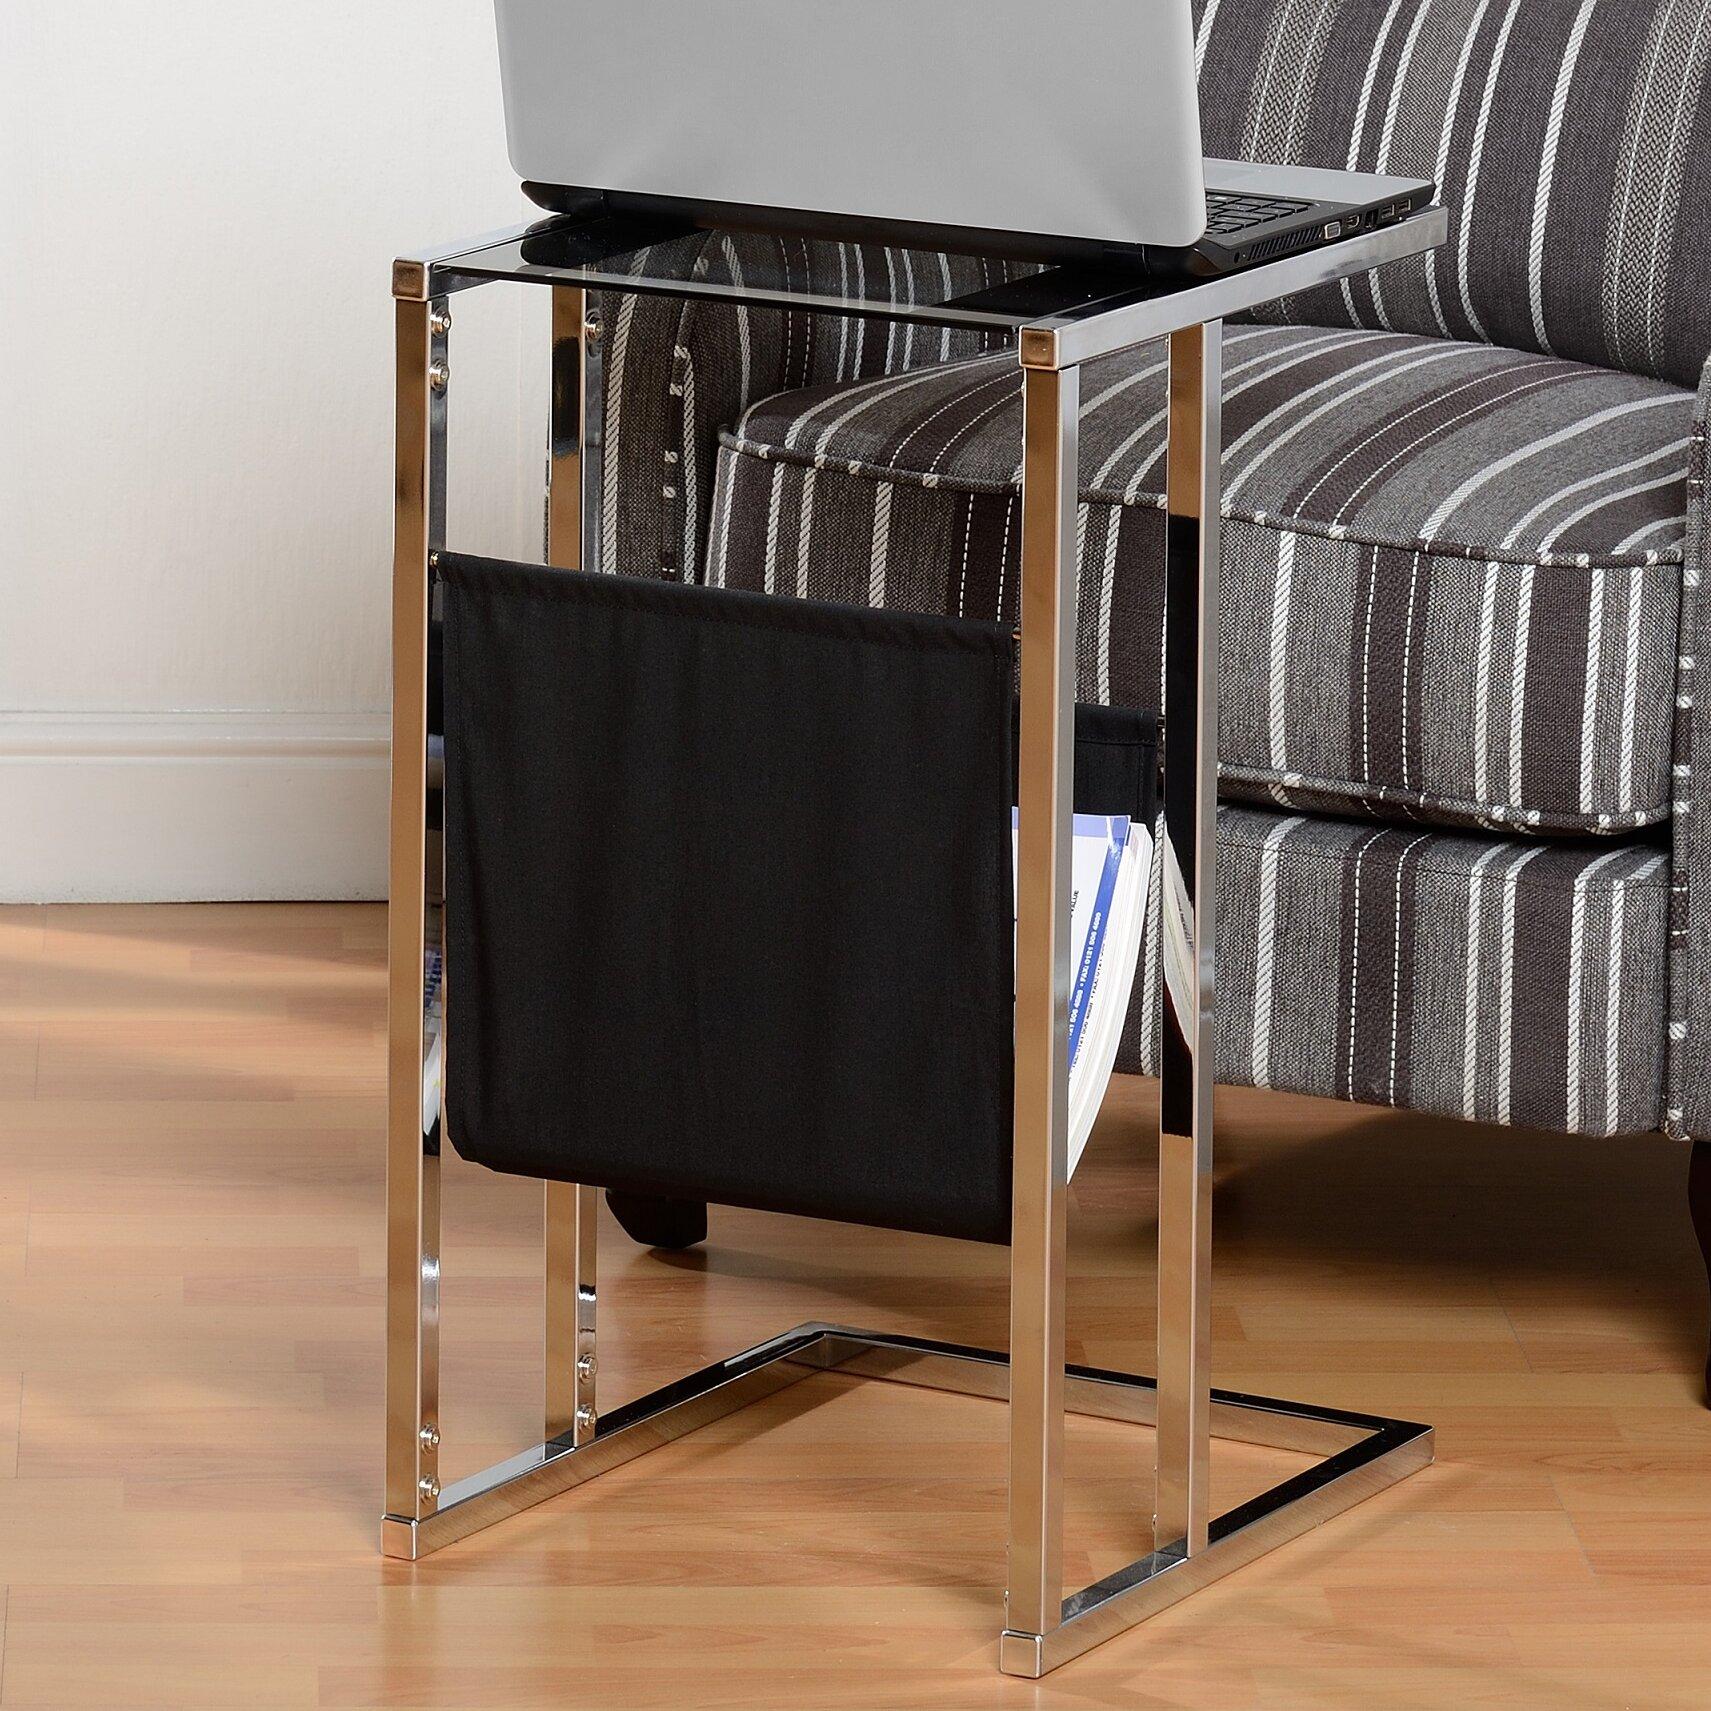 Bedroom Furniture Grimsby: Beistelltisch Mit Stauraum. Coffee Time Beistelltisch Mit